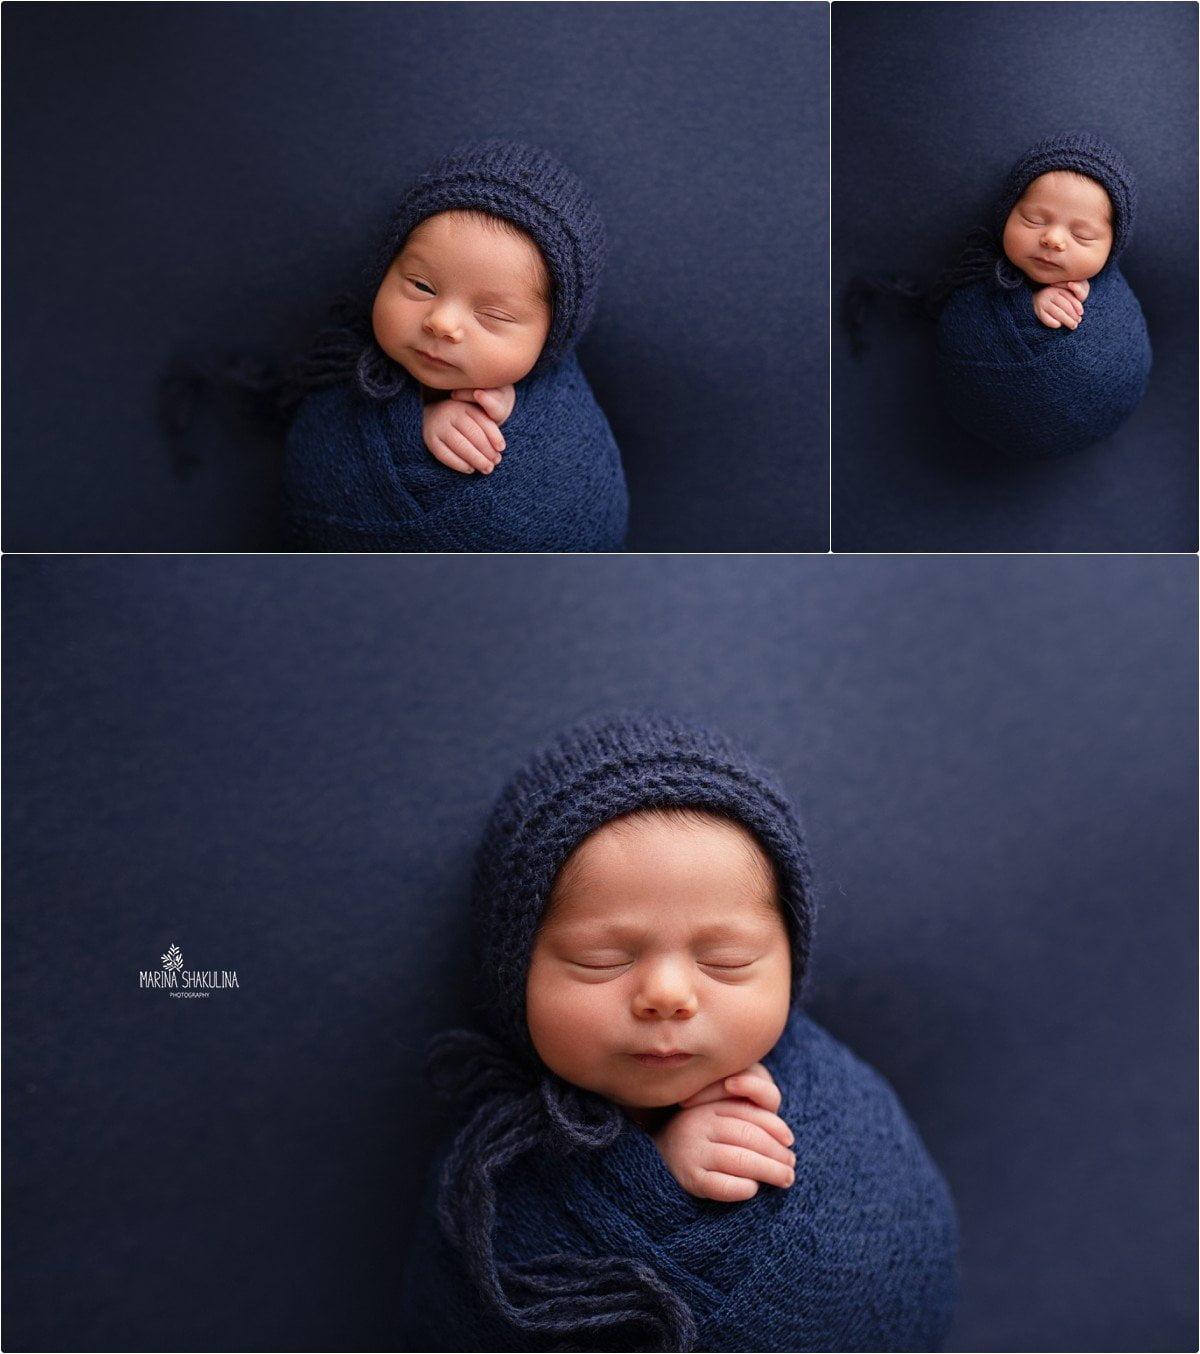 foto neonato a Verona - fasciato in blue